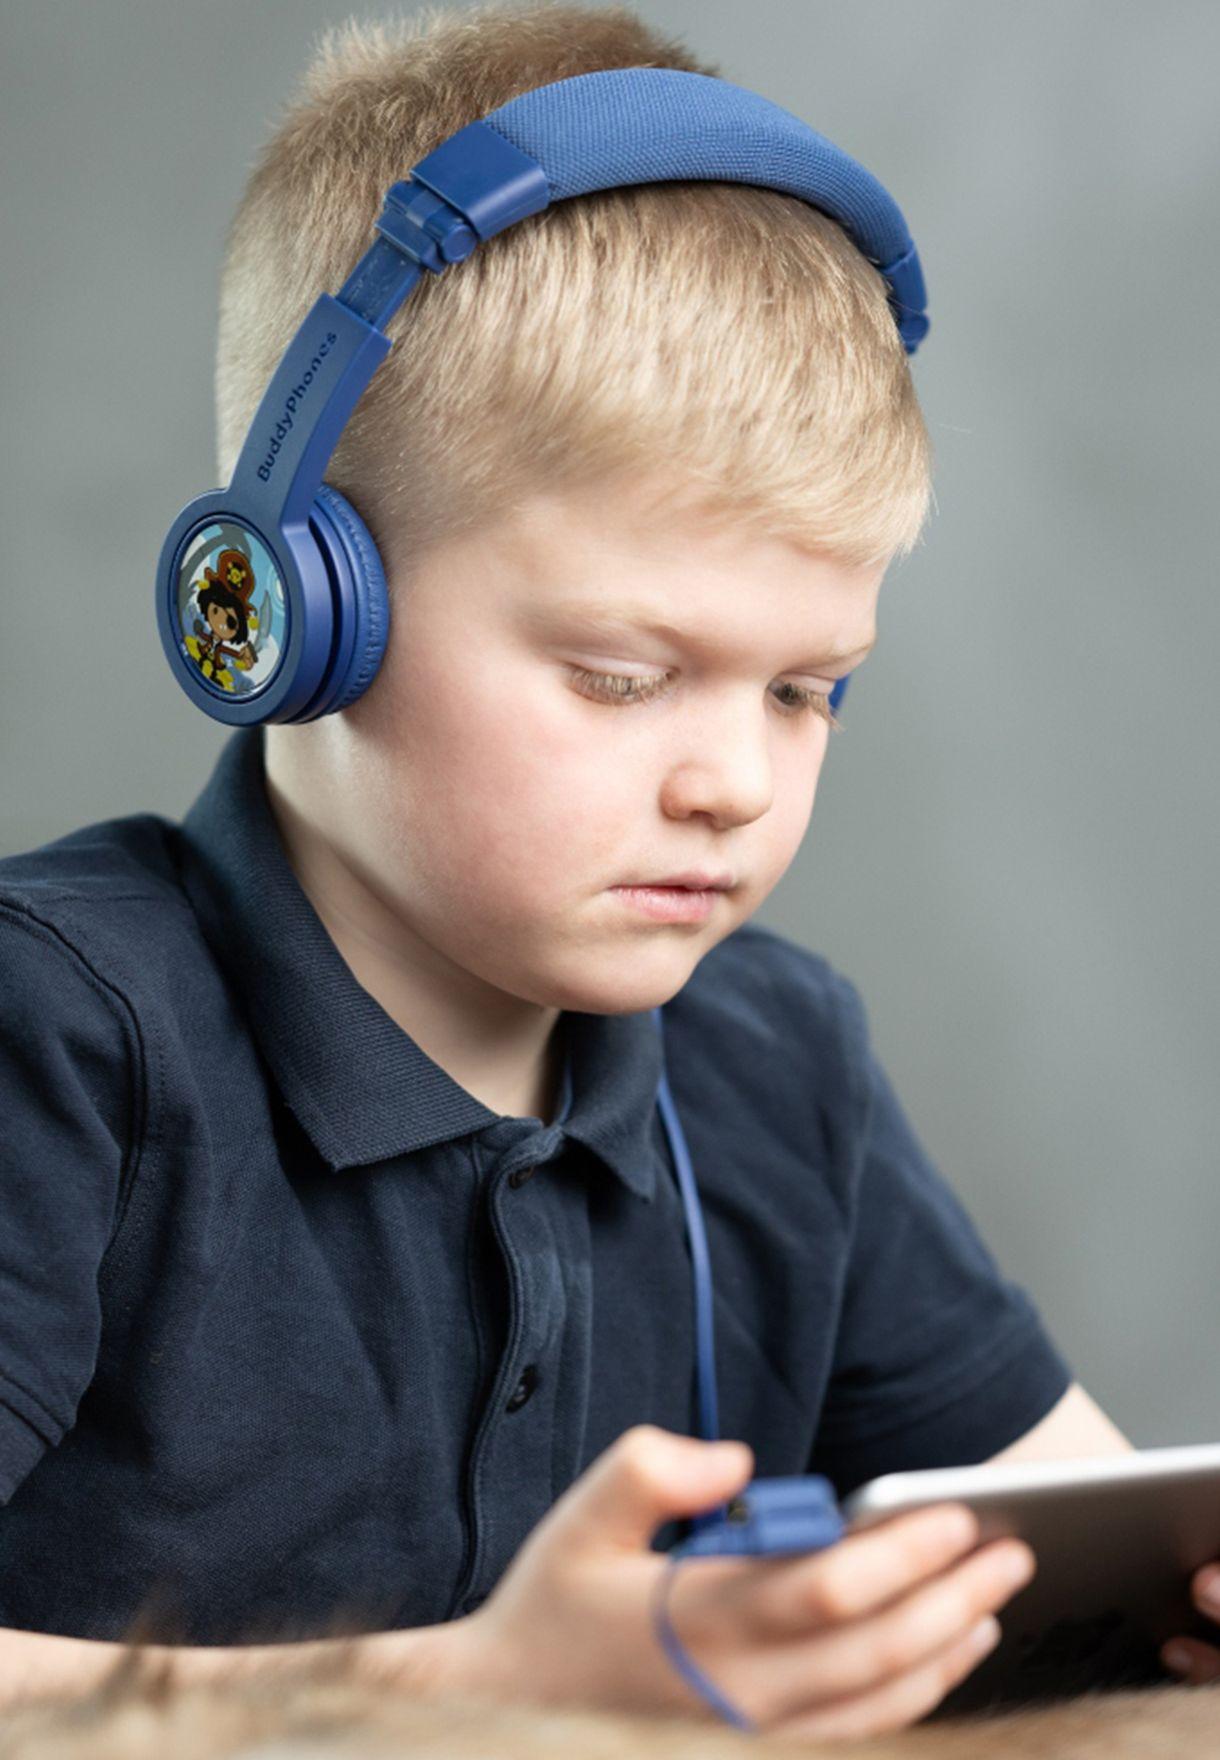 سماعات اذن لاسلكية قابلة للطي مع ميكروفون